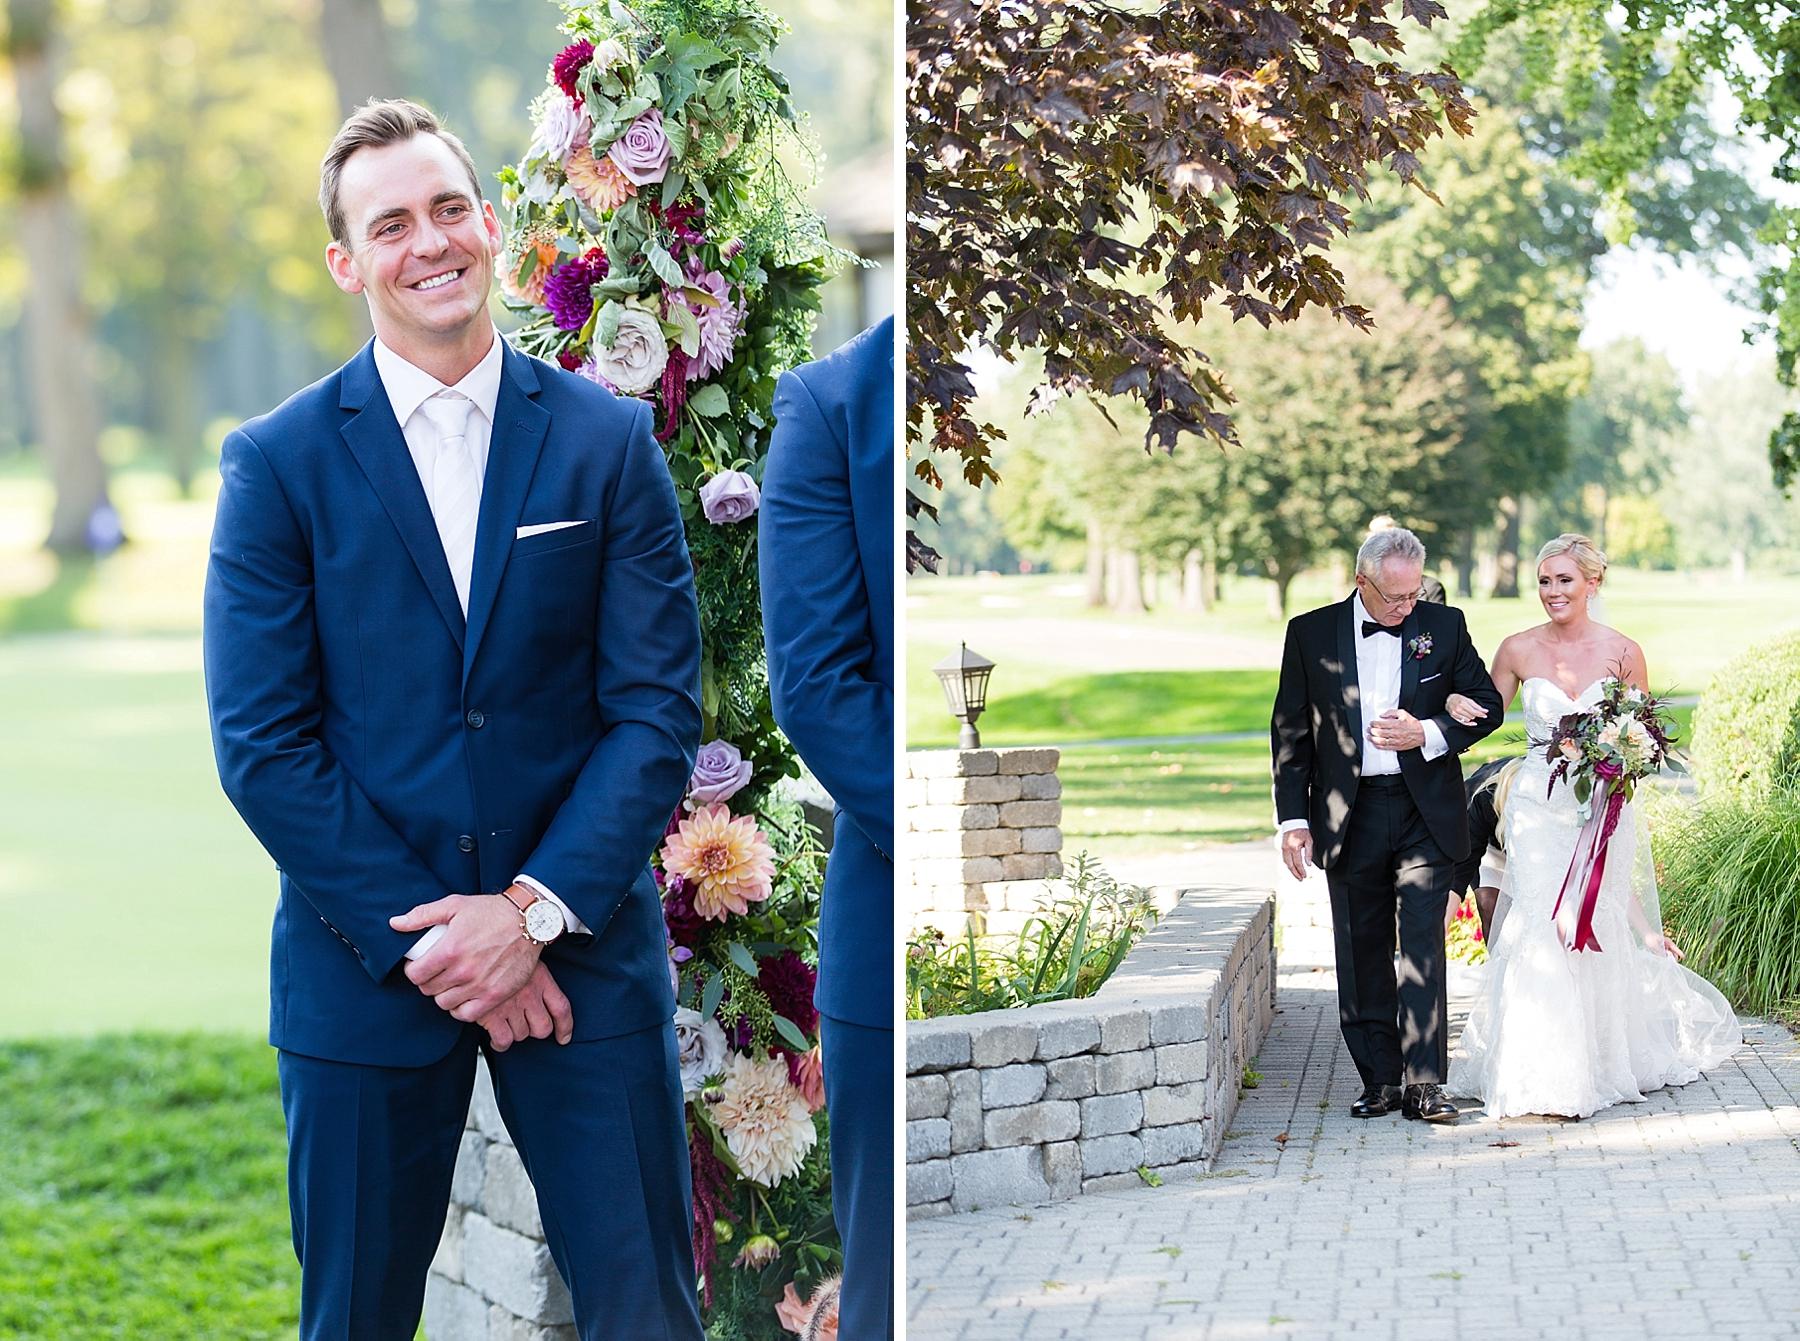 windsor-wedding-photographer-essex-golf-country-club-wedding-eryn-shea-photography_0023.jpg